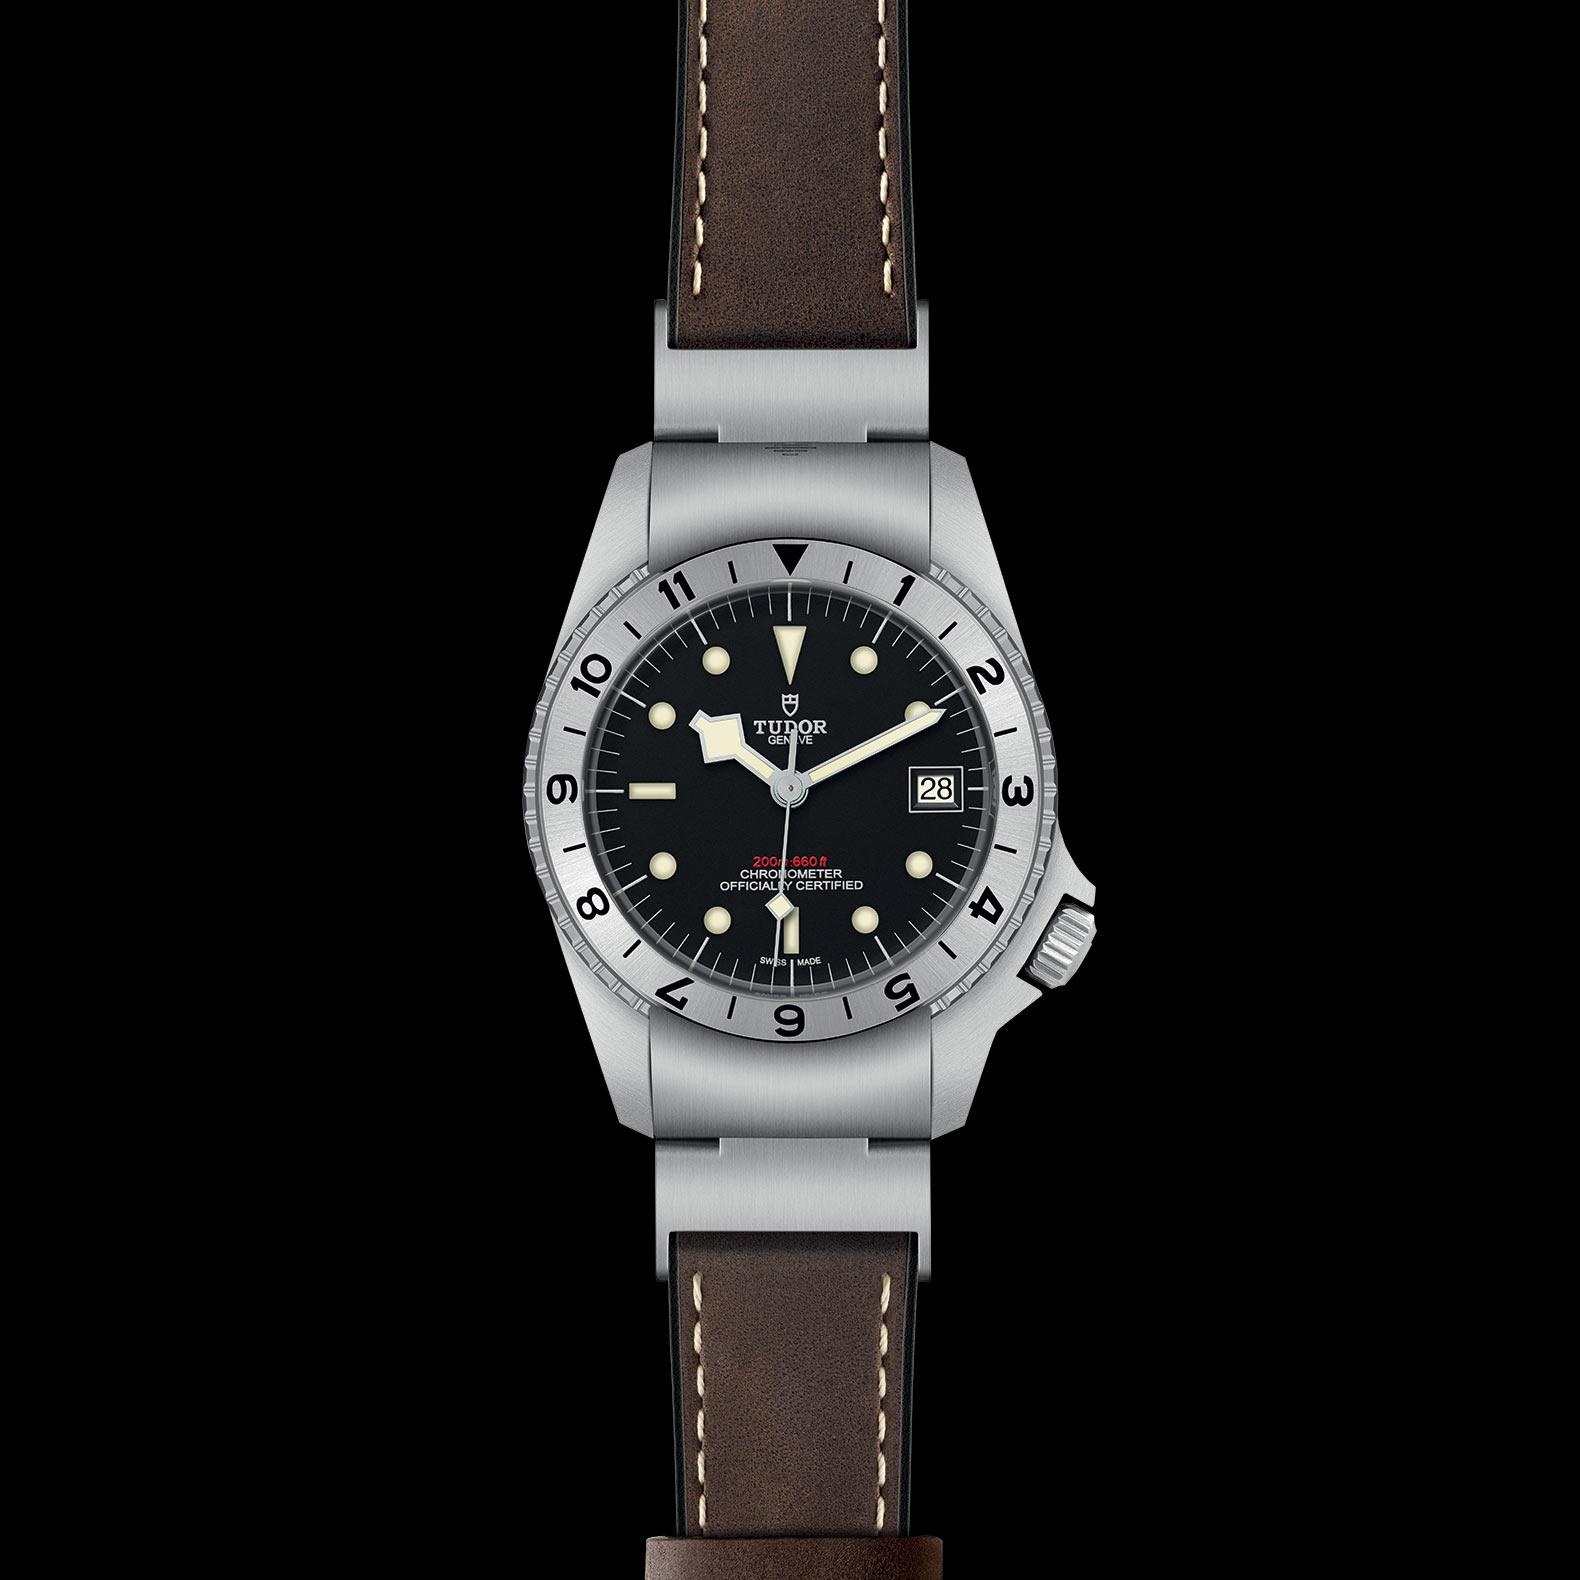 Reloj Tudor Black Bay P01 Automático en acero con esfera color negro e indicador de fecha.